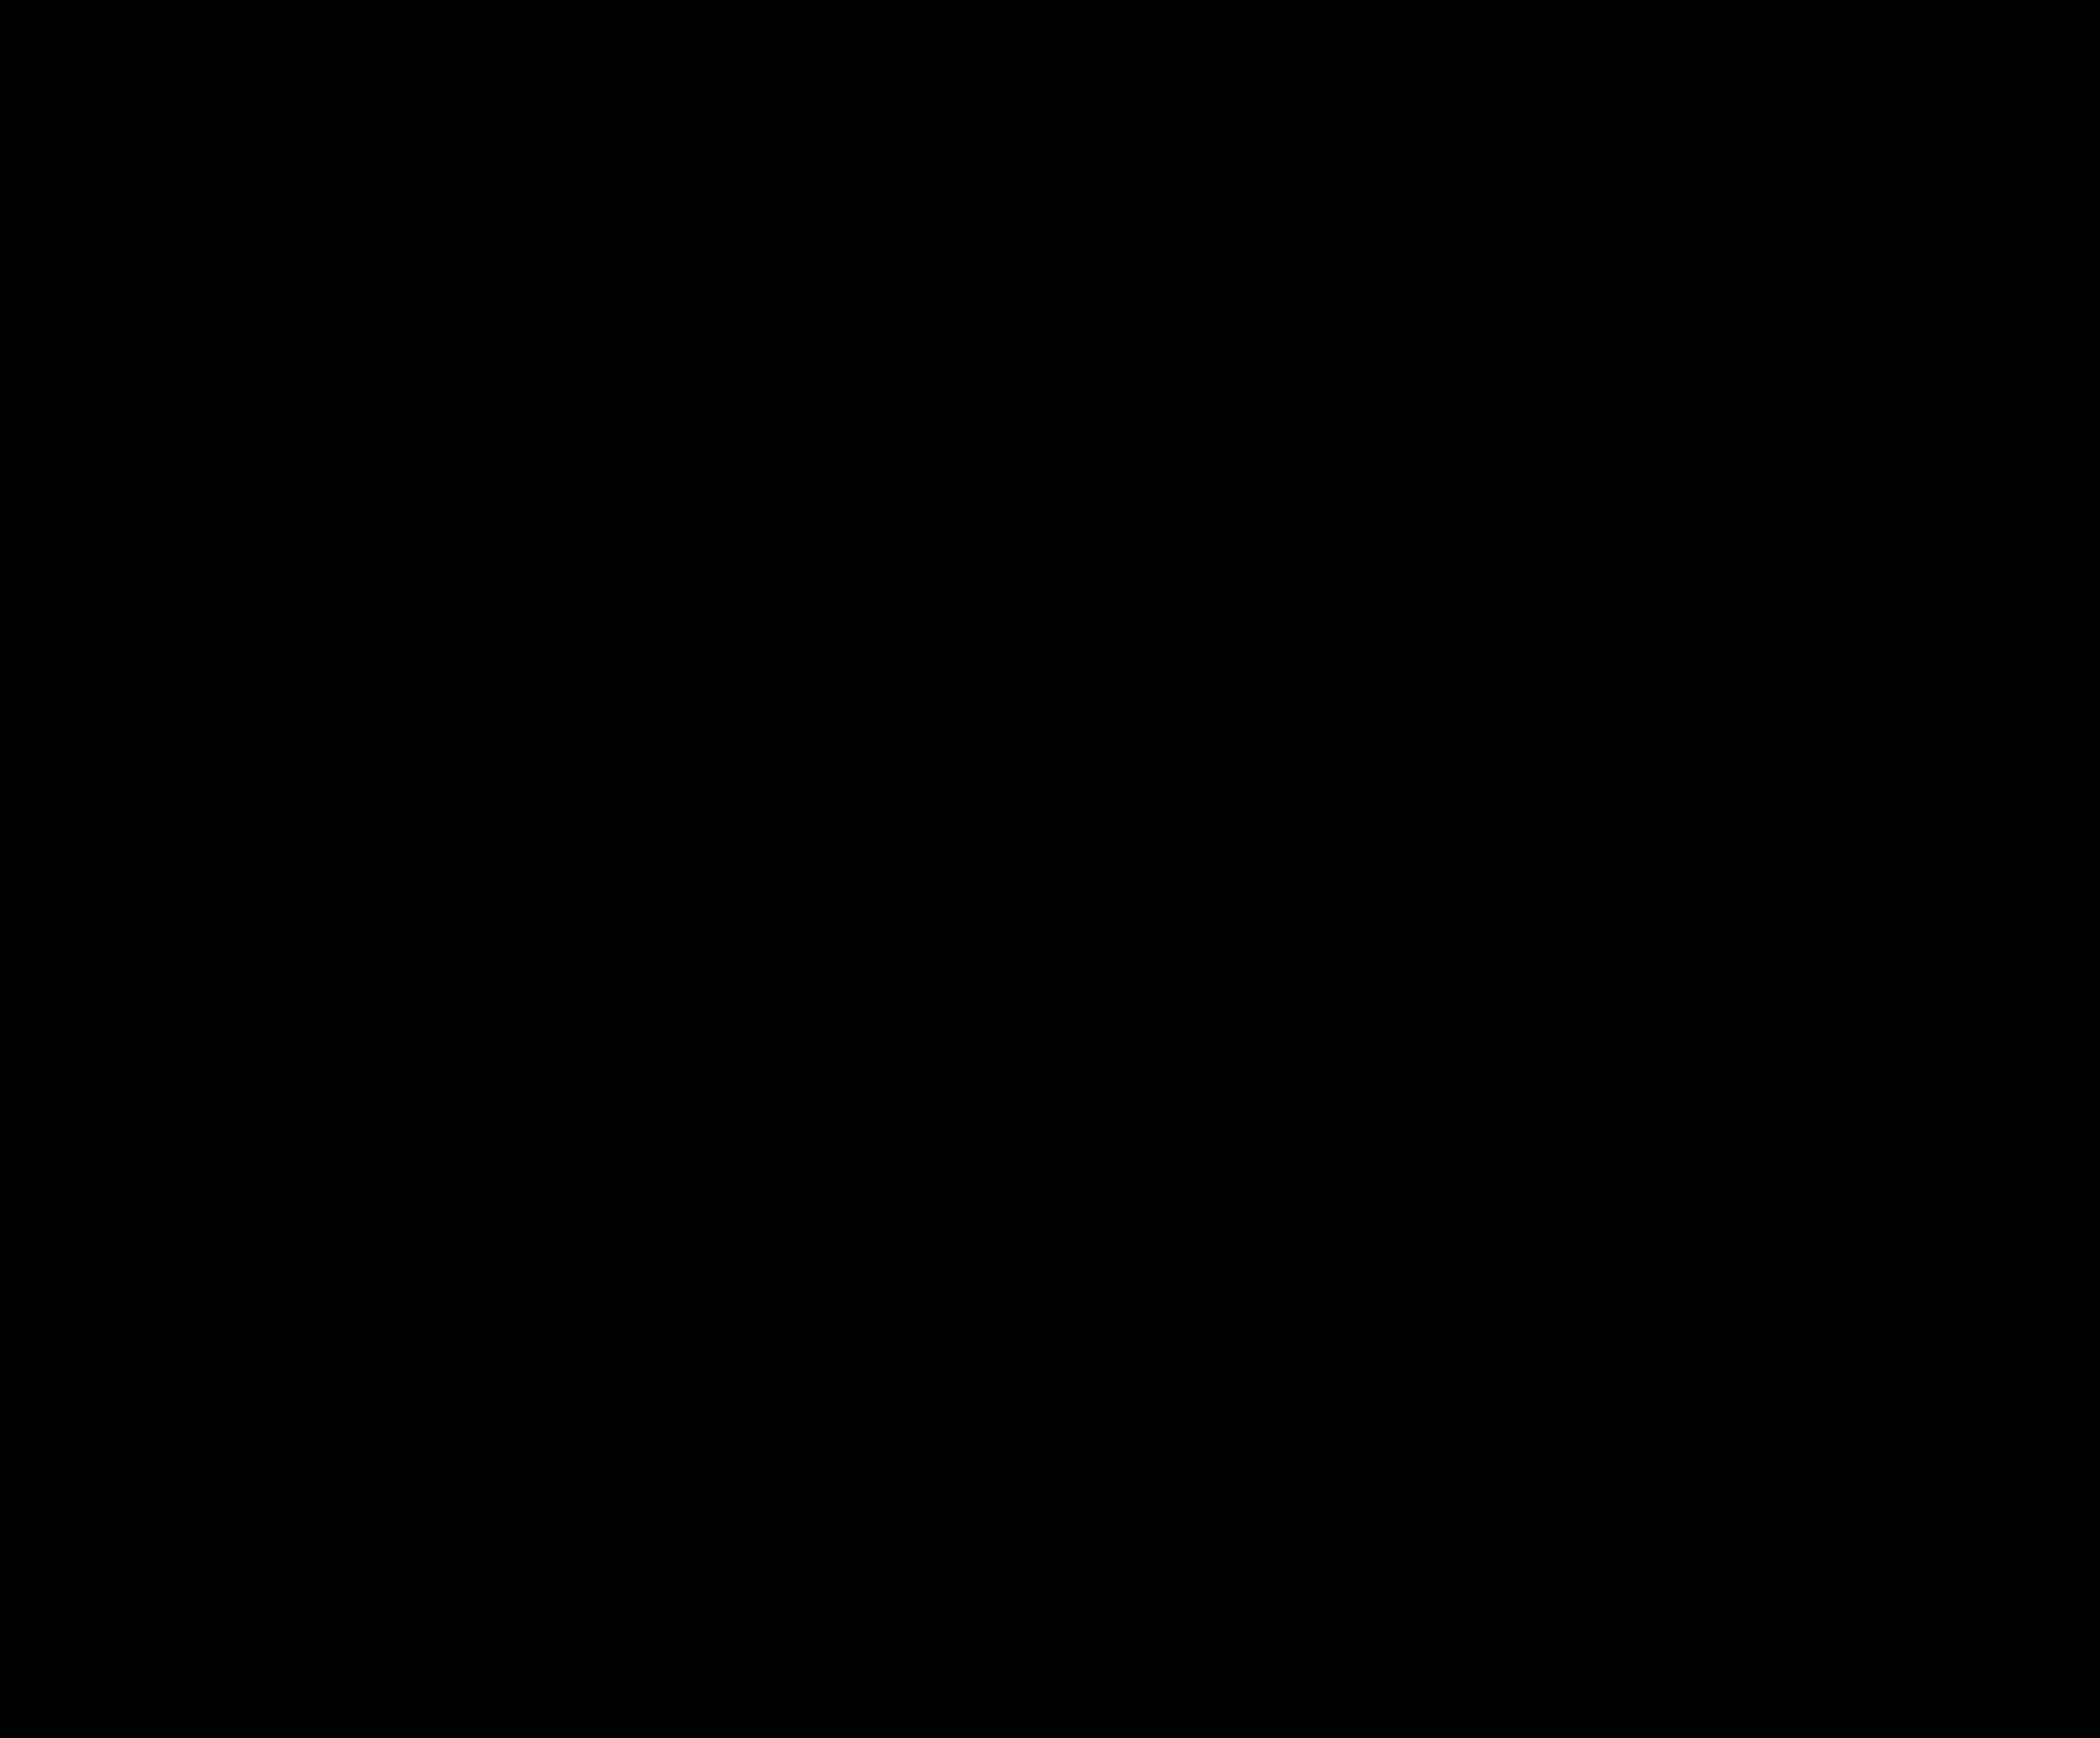 Map Of France Paris.Sncf And Ratp Rer Train Maps For Paris And Ile De France